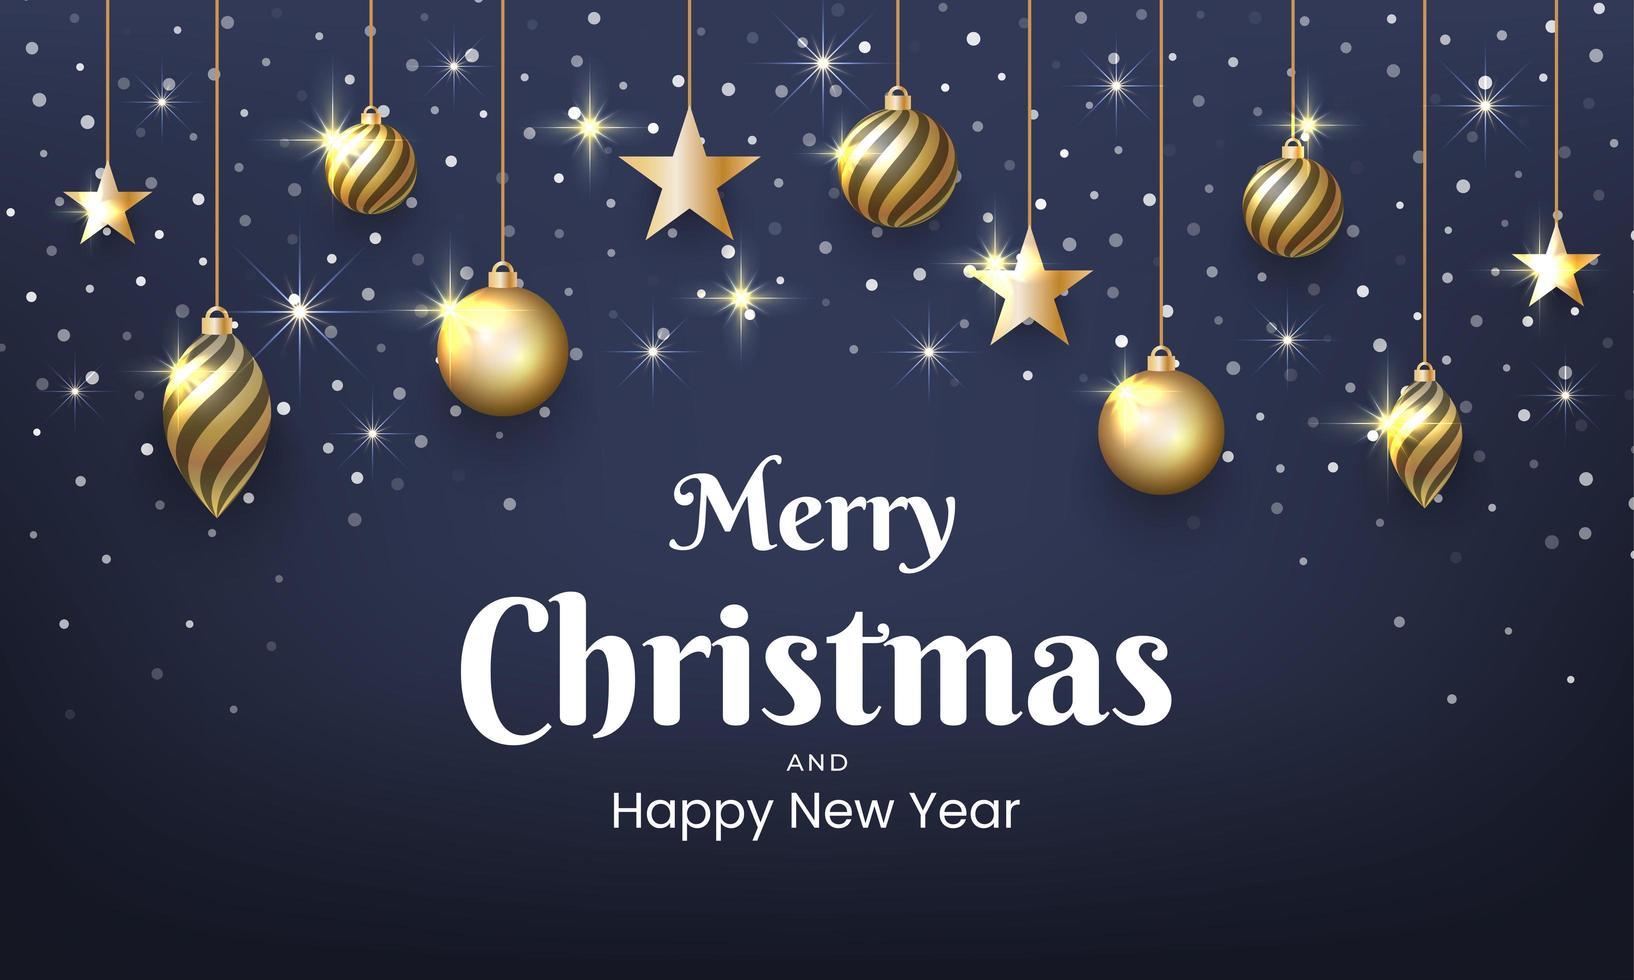 conception de Noël et du nouvel an avec des paillettes d'or, des ornements vecteur